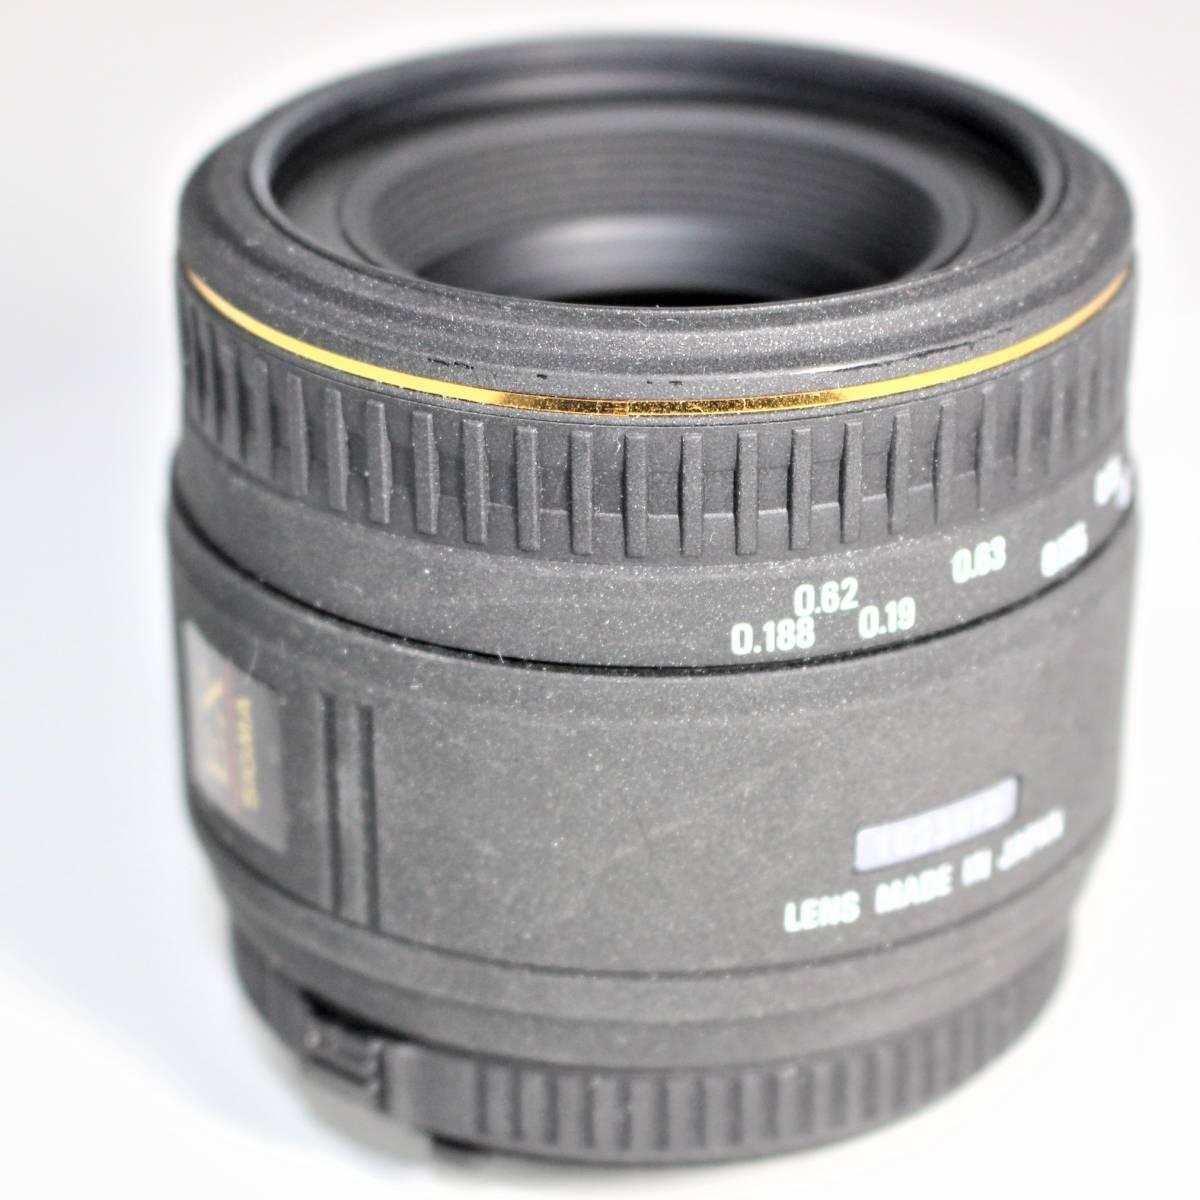 シグマ AF 50mm F2.8 D EX MACRO ニコン用_画像4